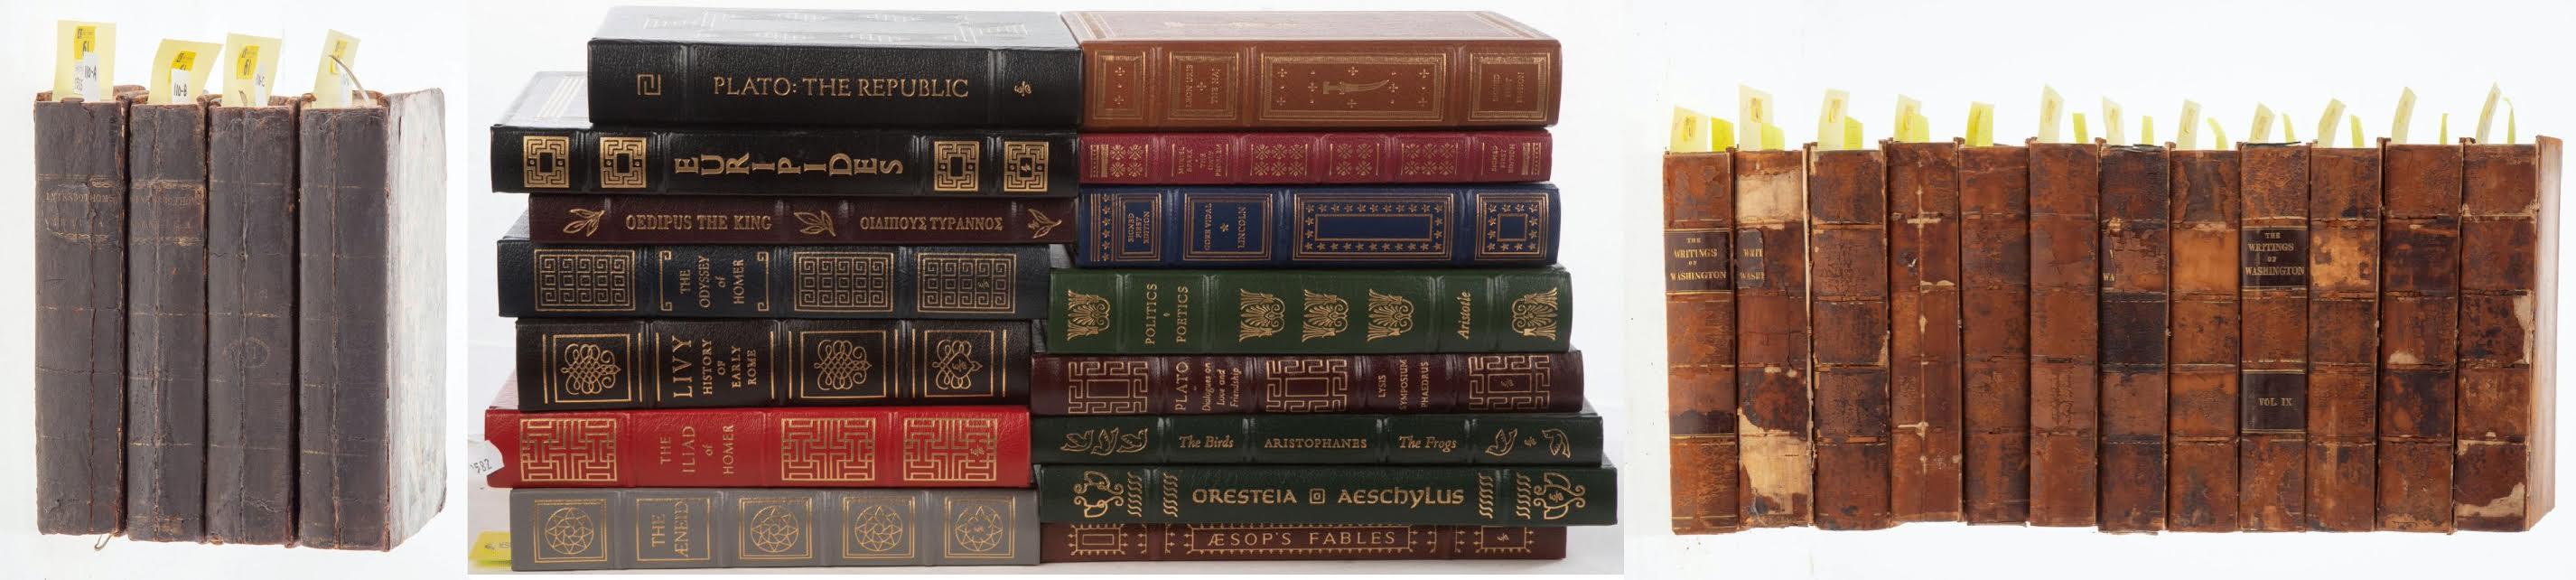 Rare and Decorative Books at Alex Cooper